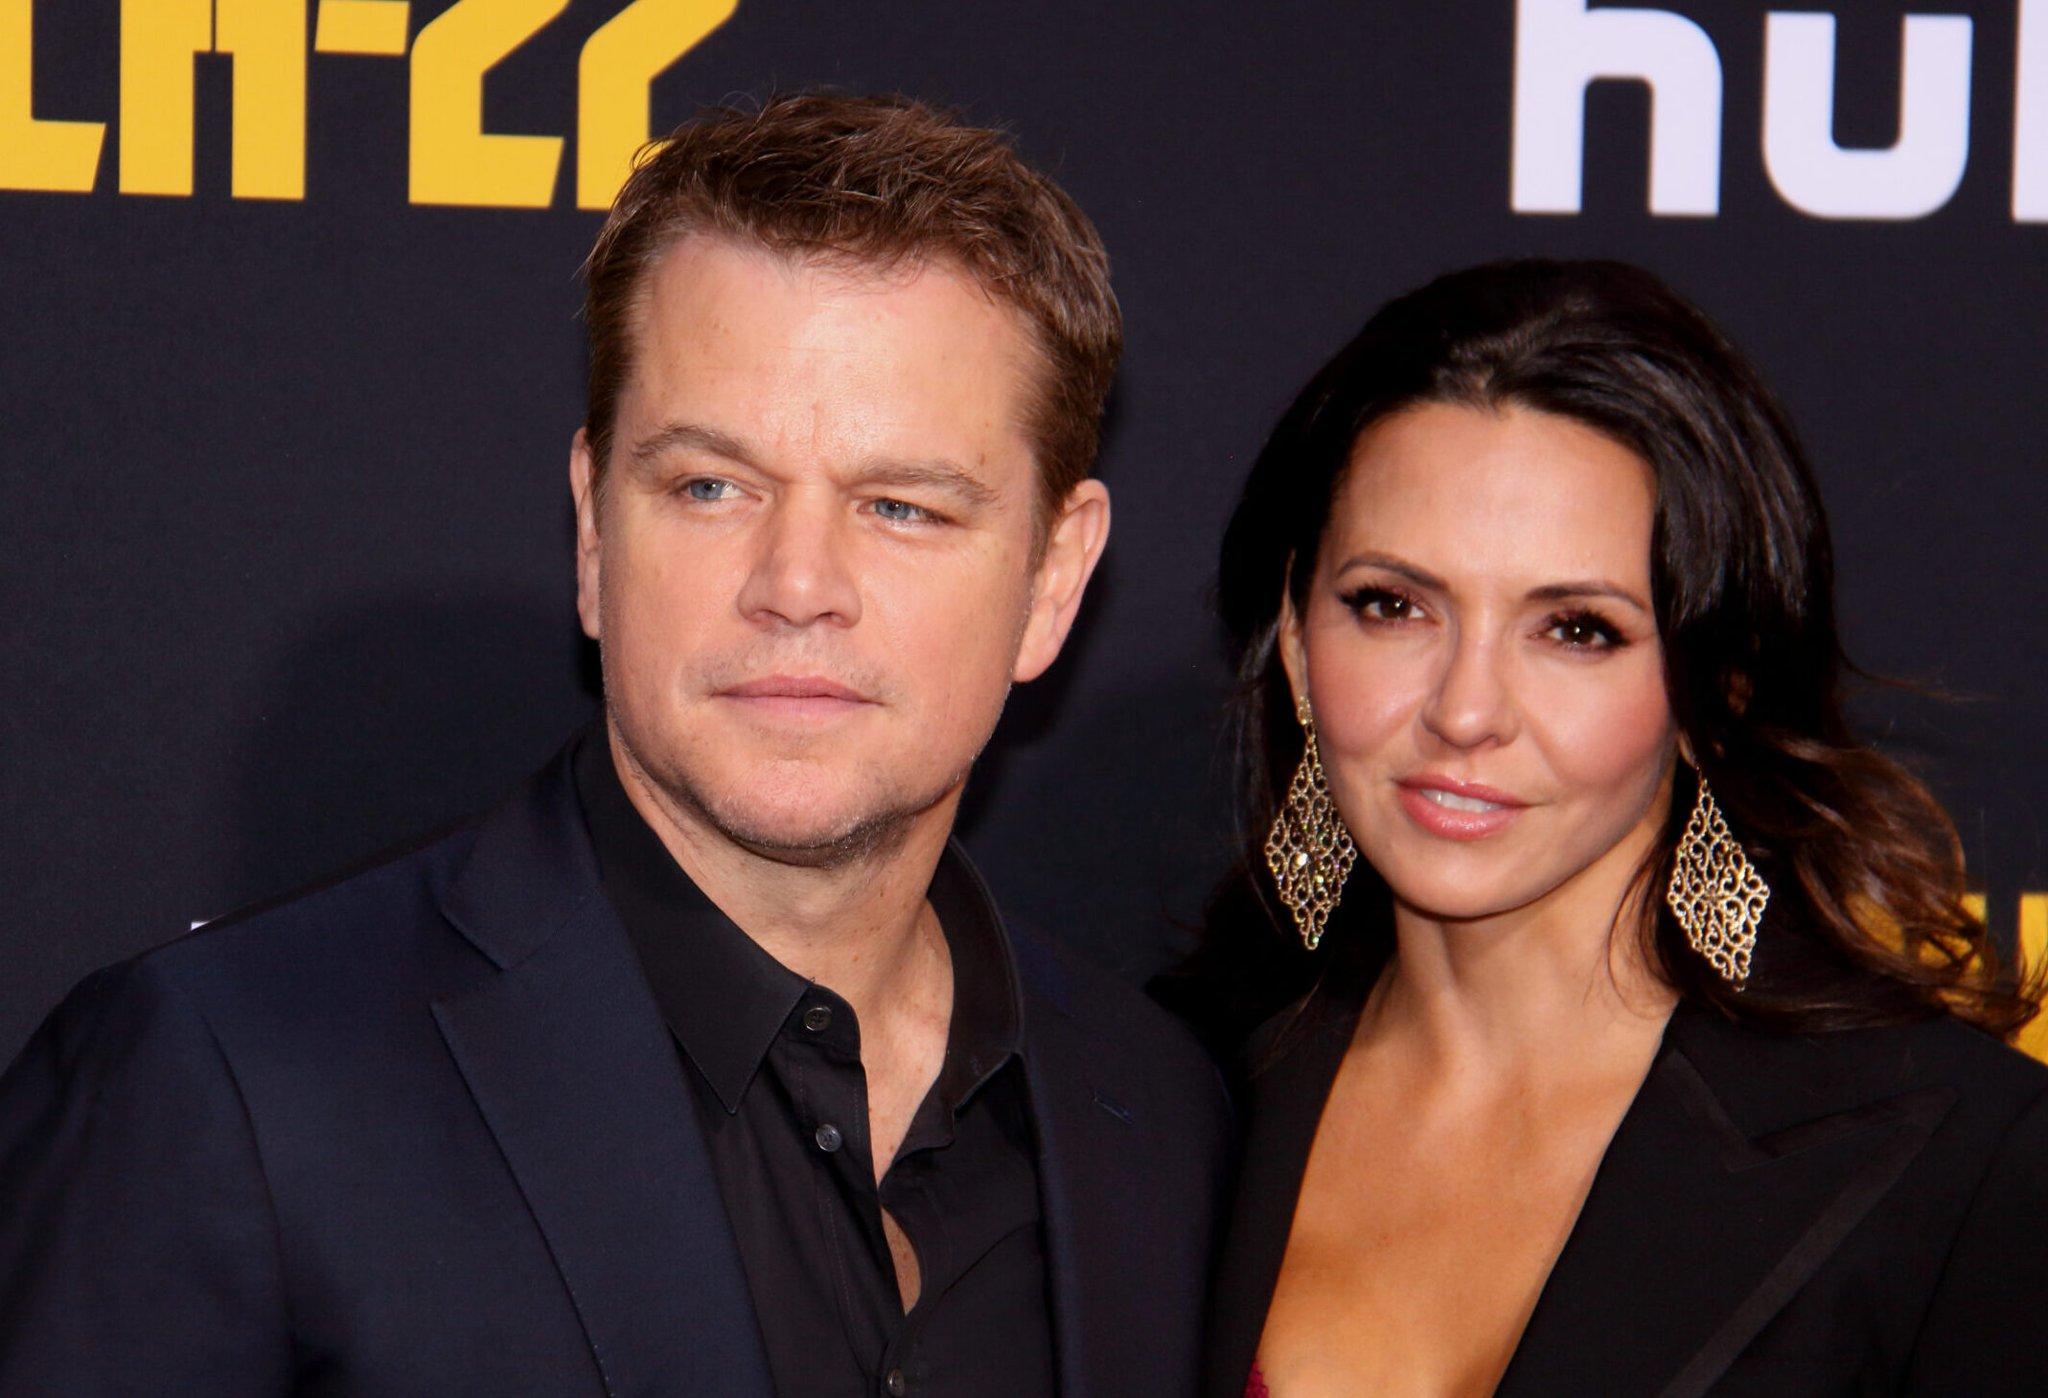 Matt Damon 'Saving Marriage' In Australia?